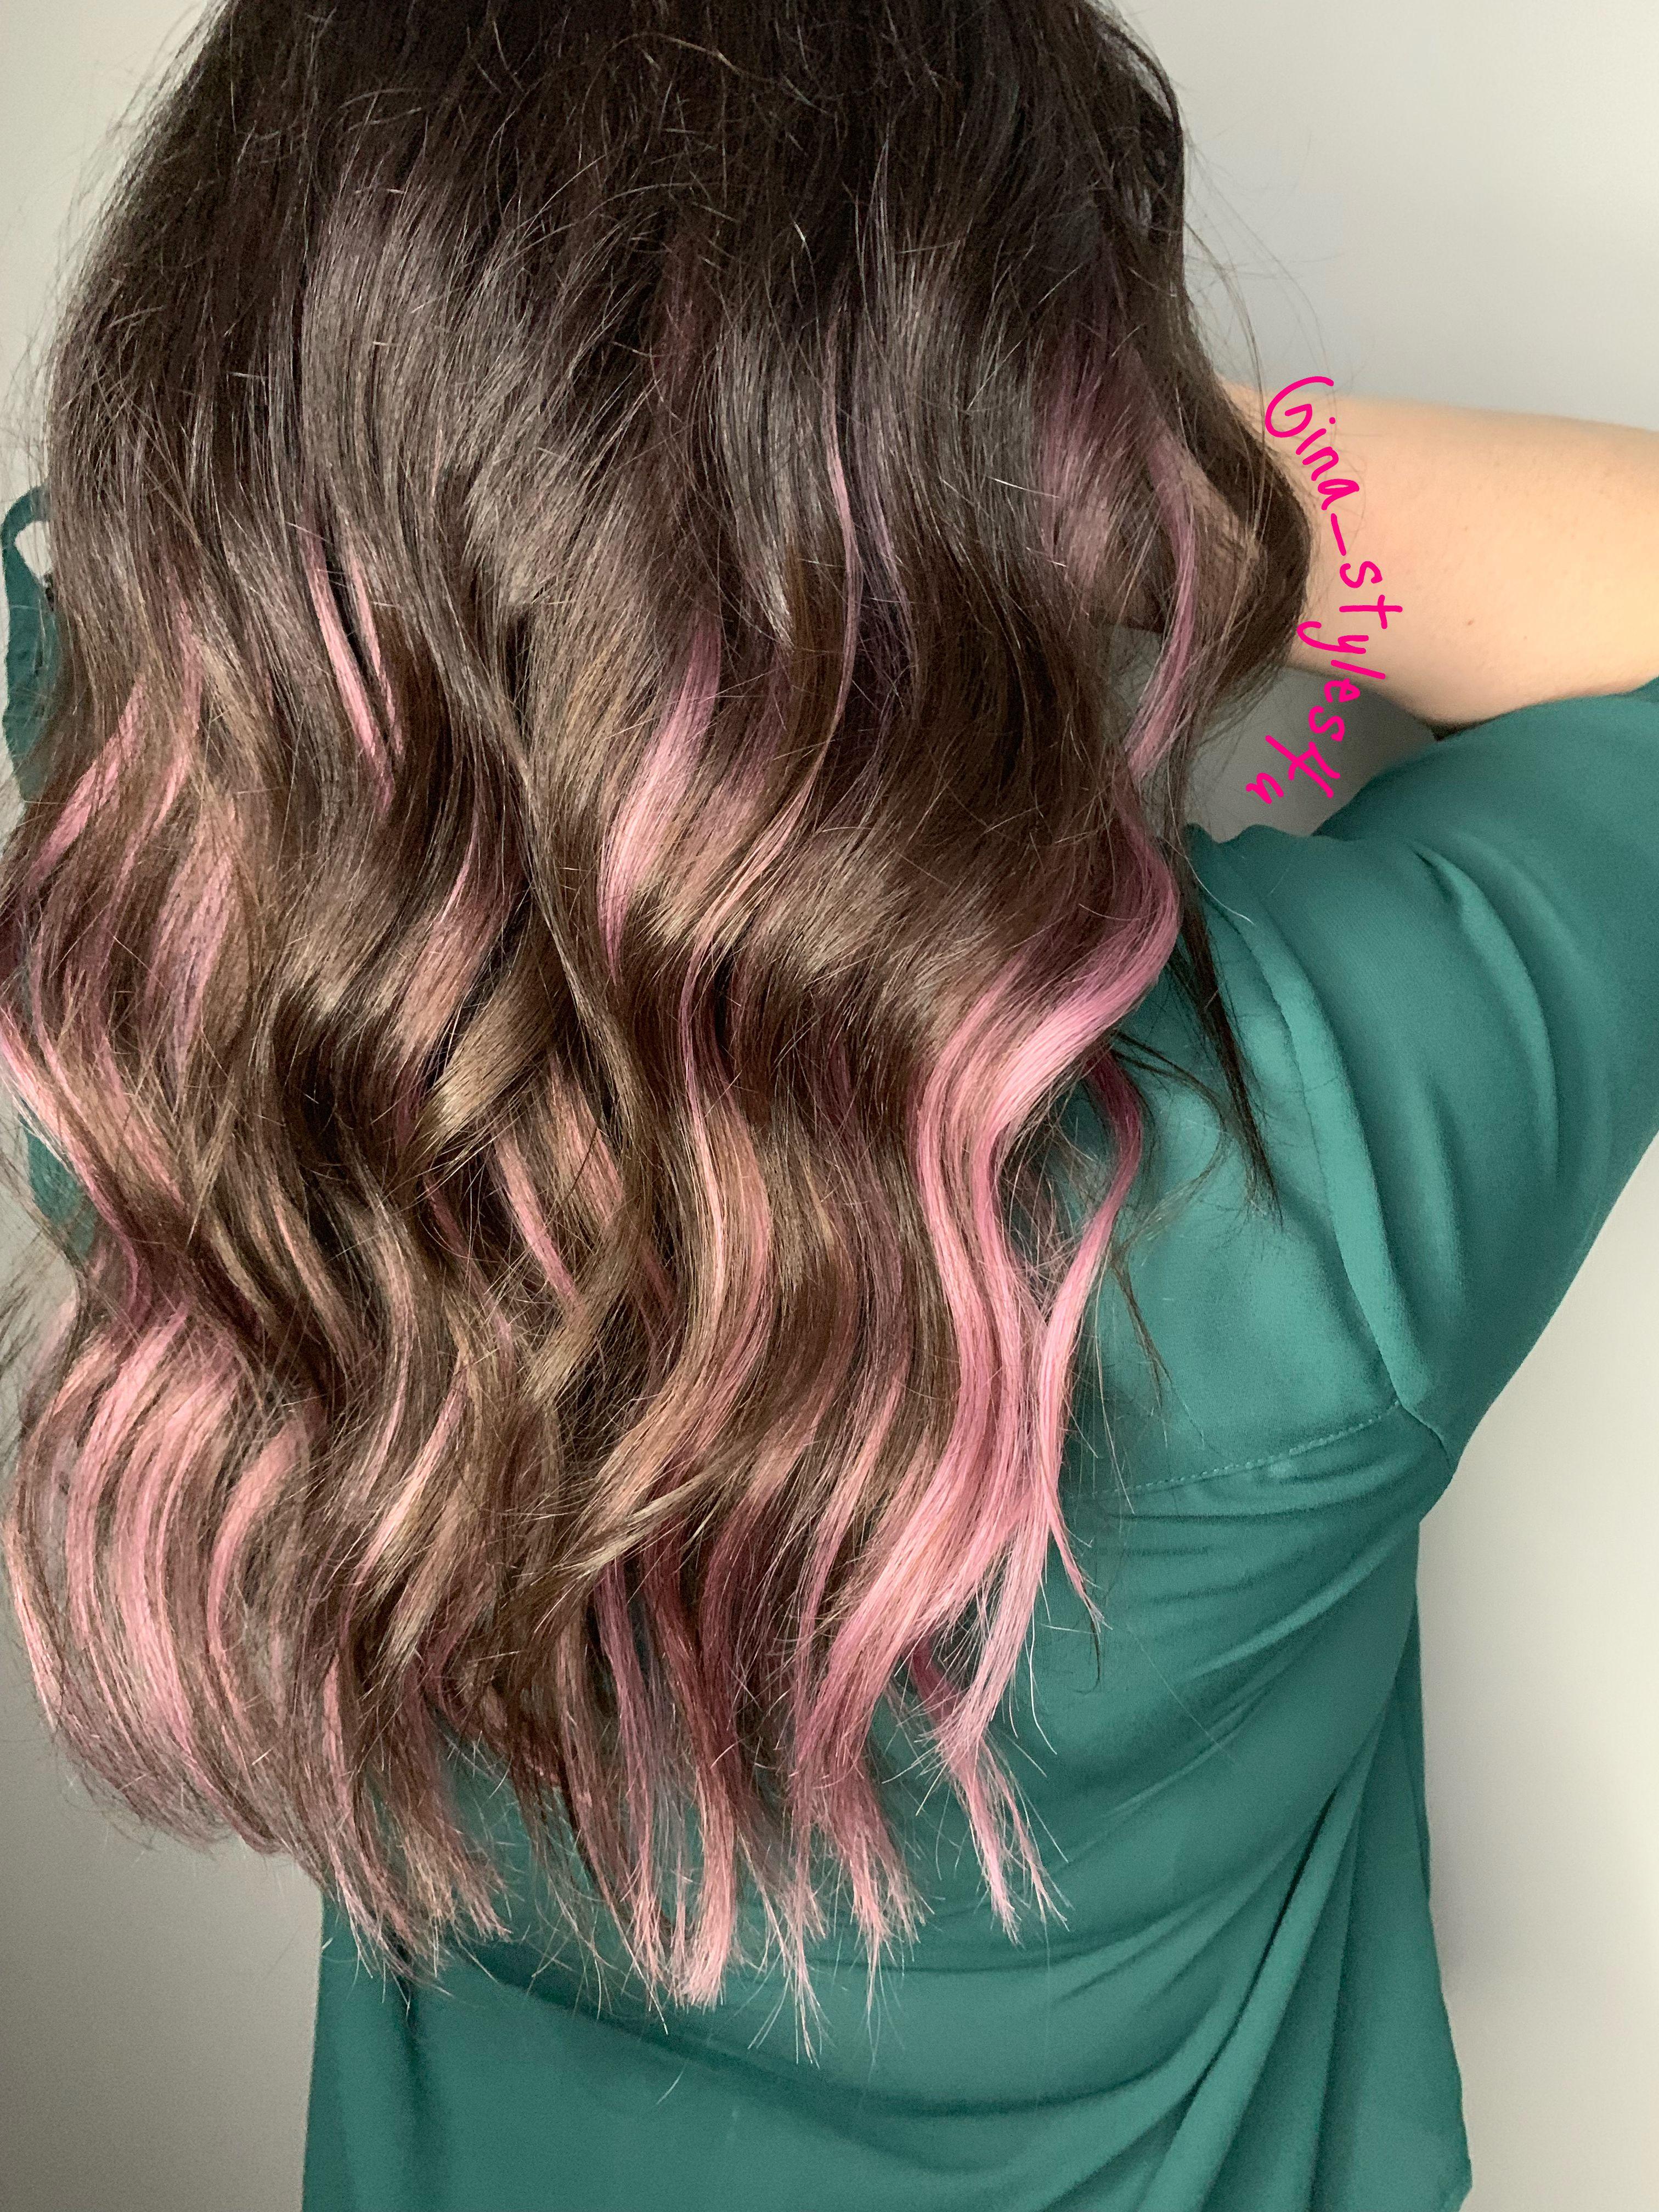 Pink Highlights Pink Hair Streaks Pink Hair Highlights Brown Hair With Pink Highlights